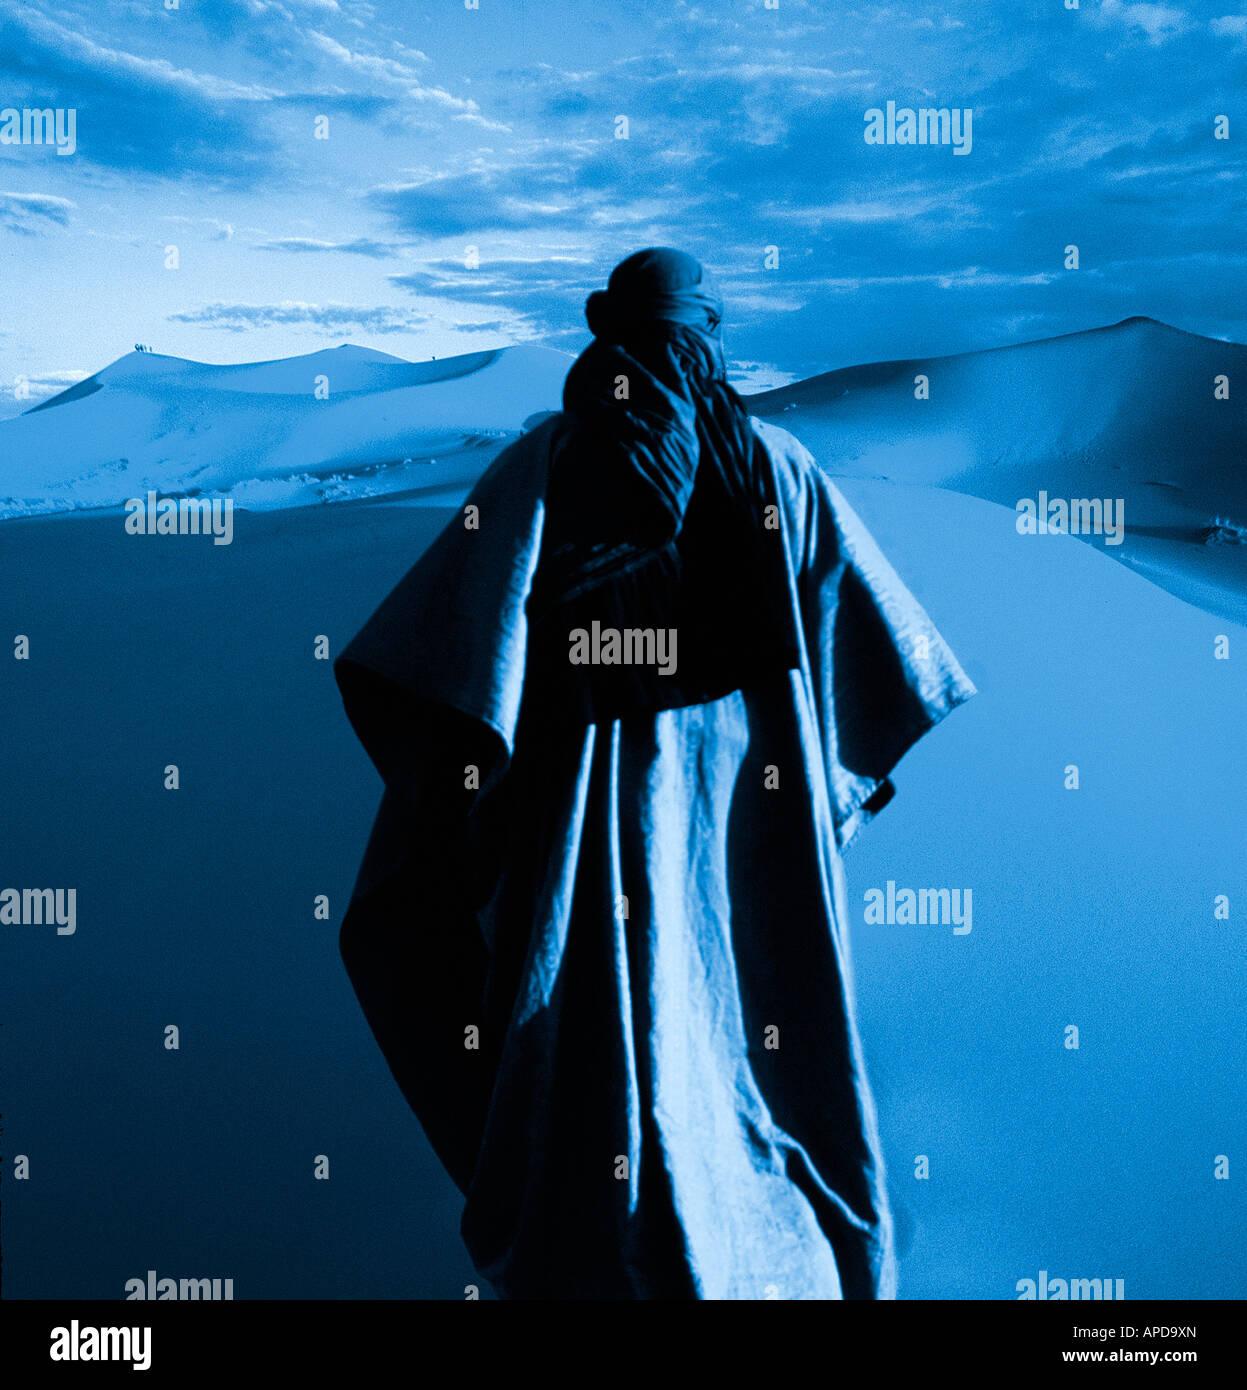 Ilustración del concepto de nómadas figura masculina que deambulan solos en el desierto Imagen De Stock